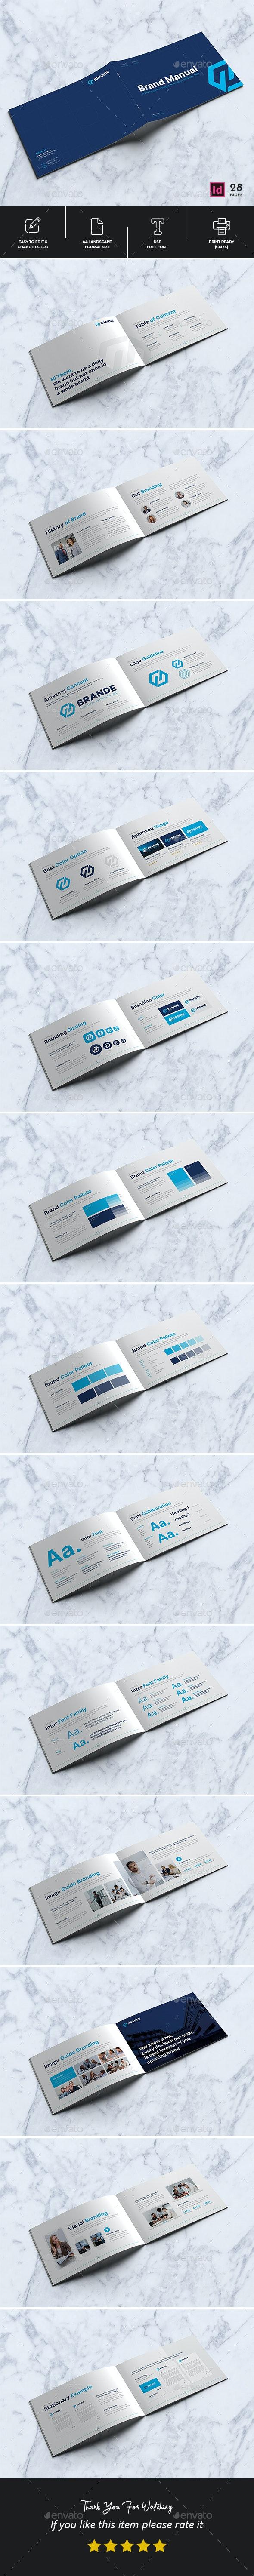 Brand Manual Landscape Brochure Template - Corporate Brochures